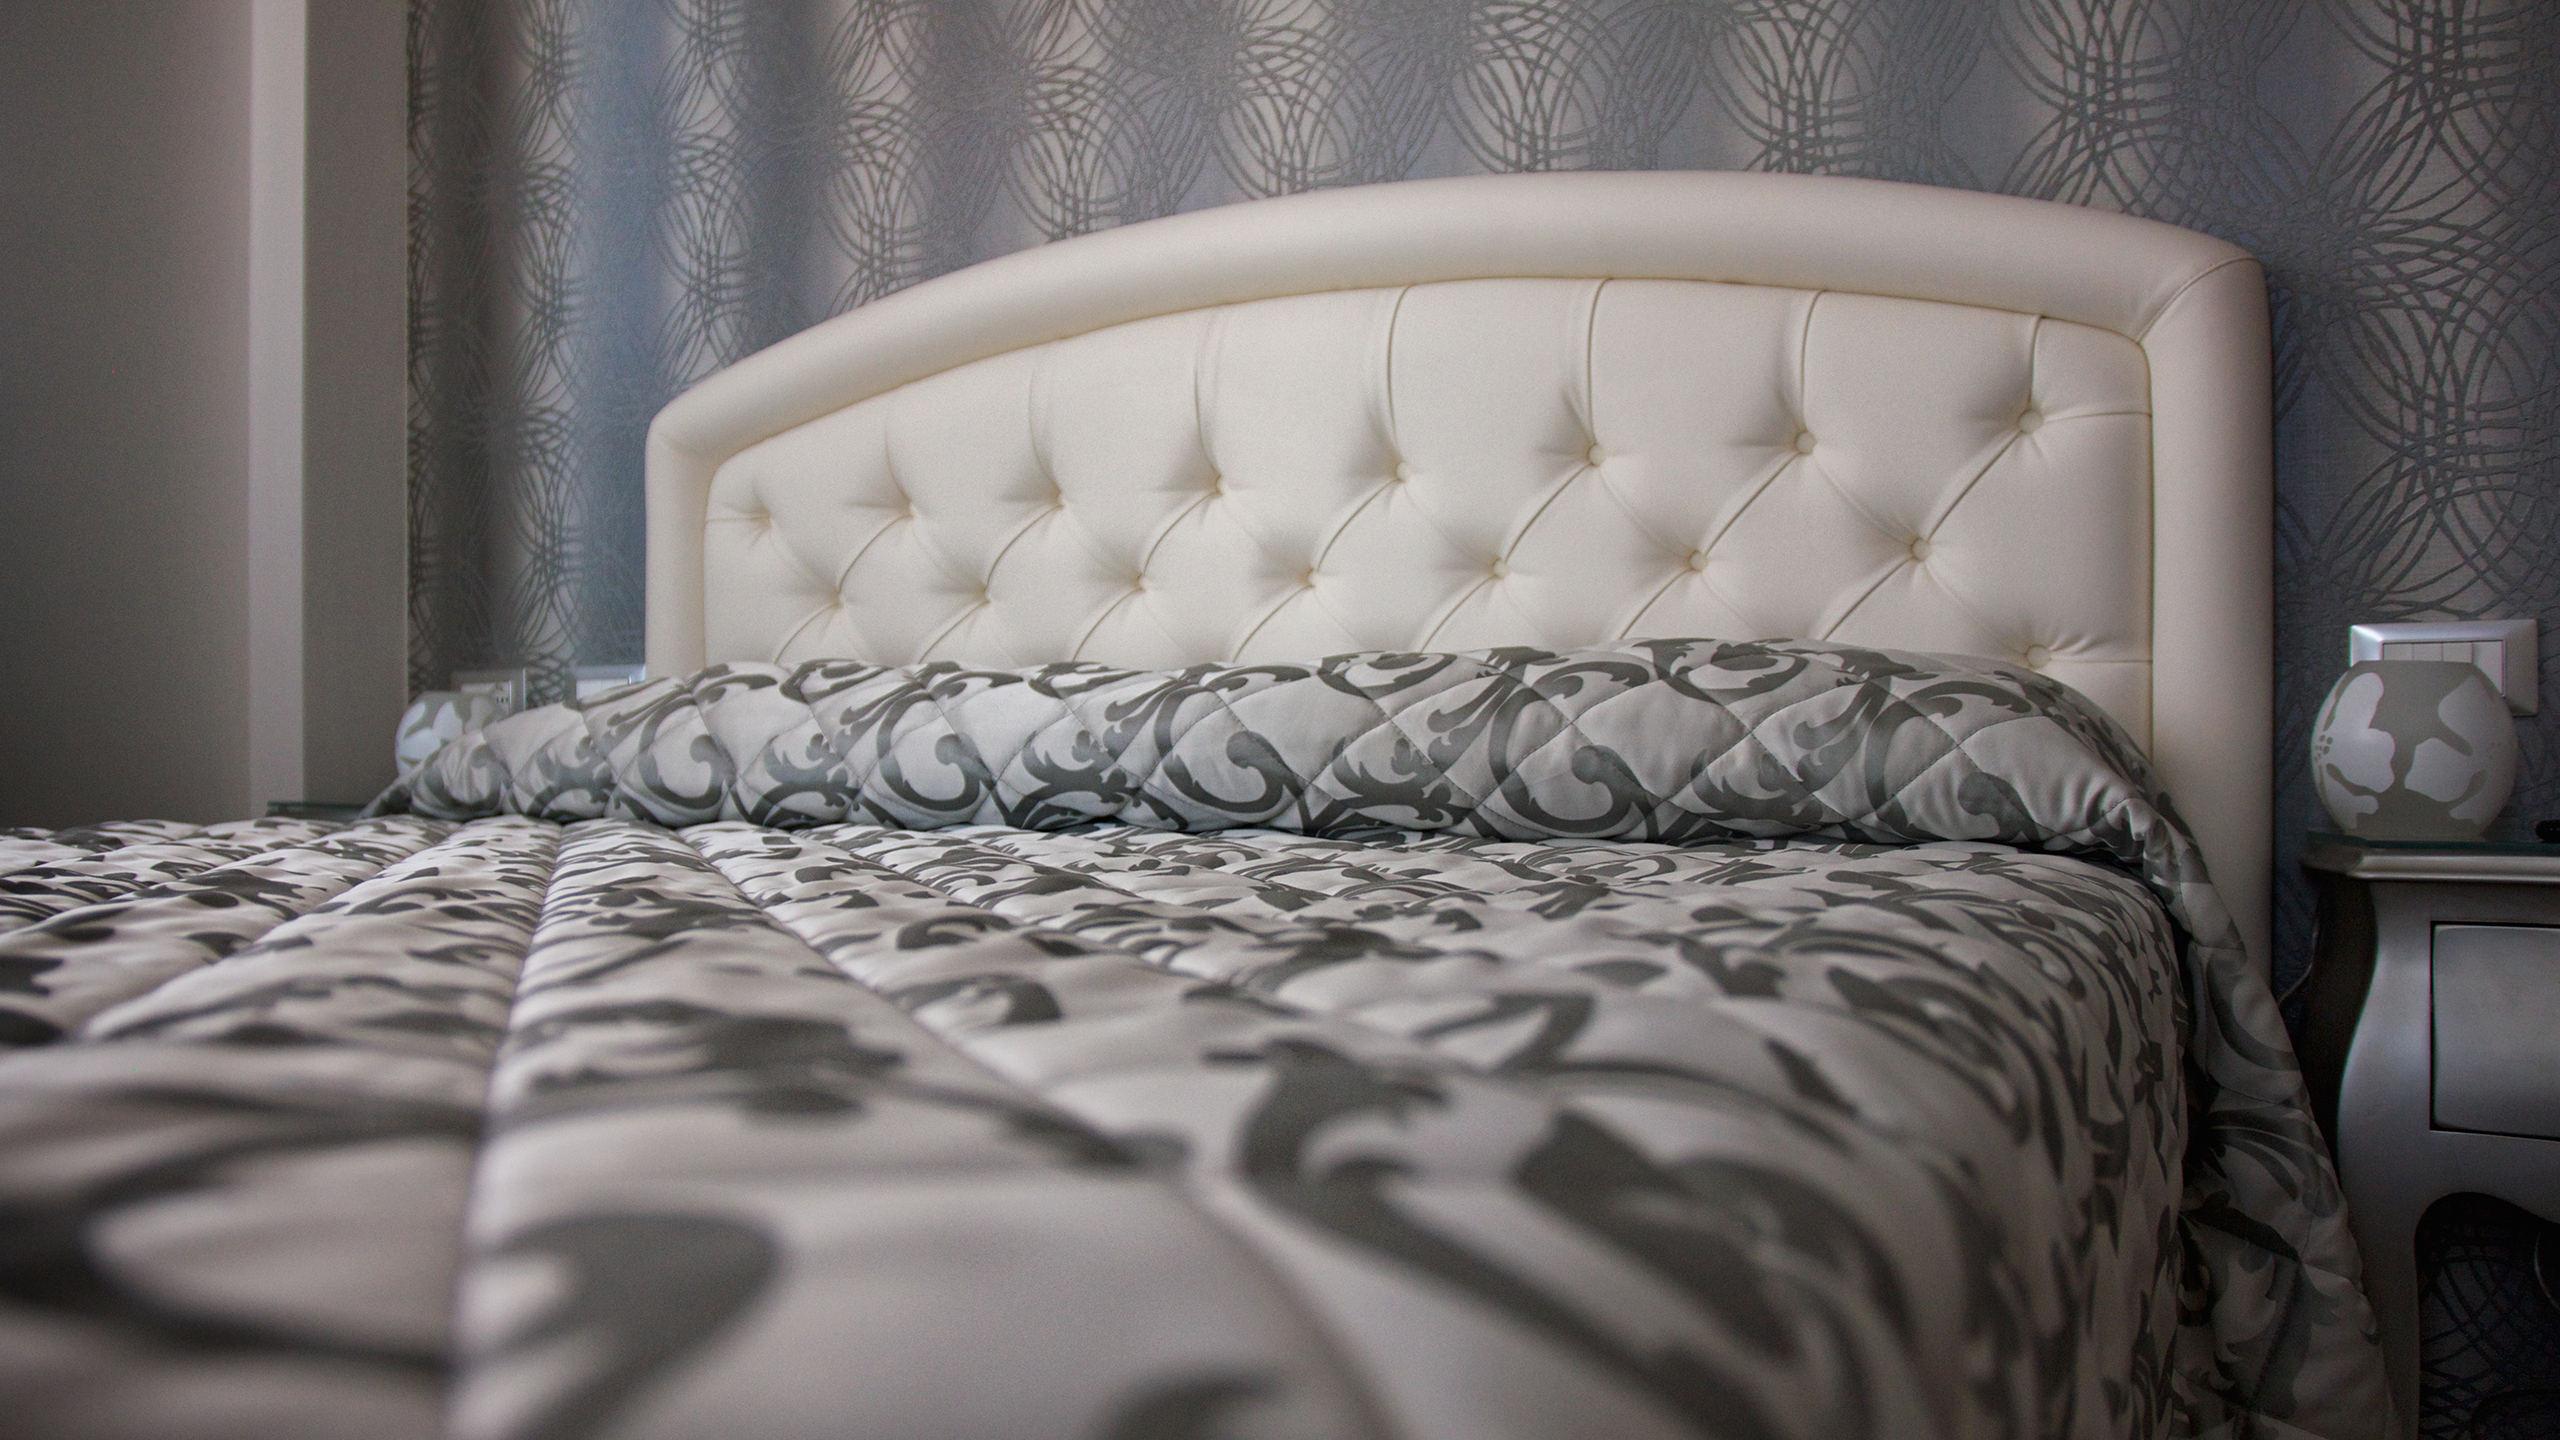 oc-hotel-villa-adriana-rooms-001